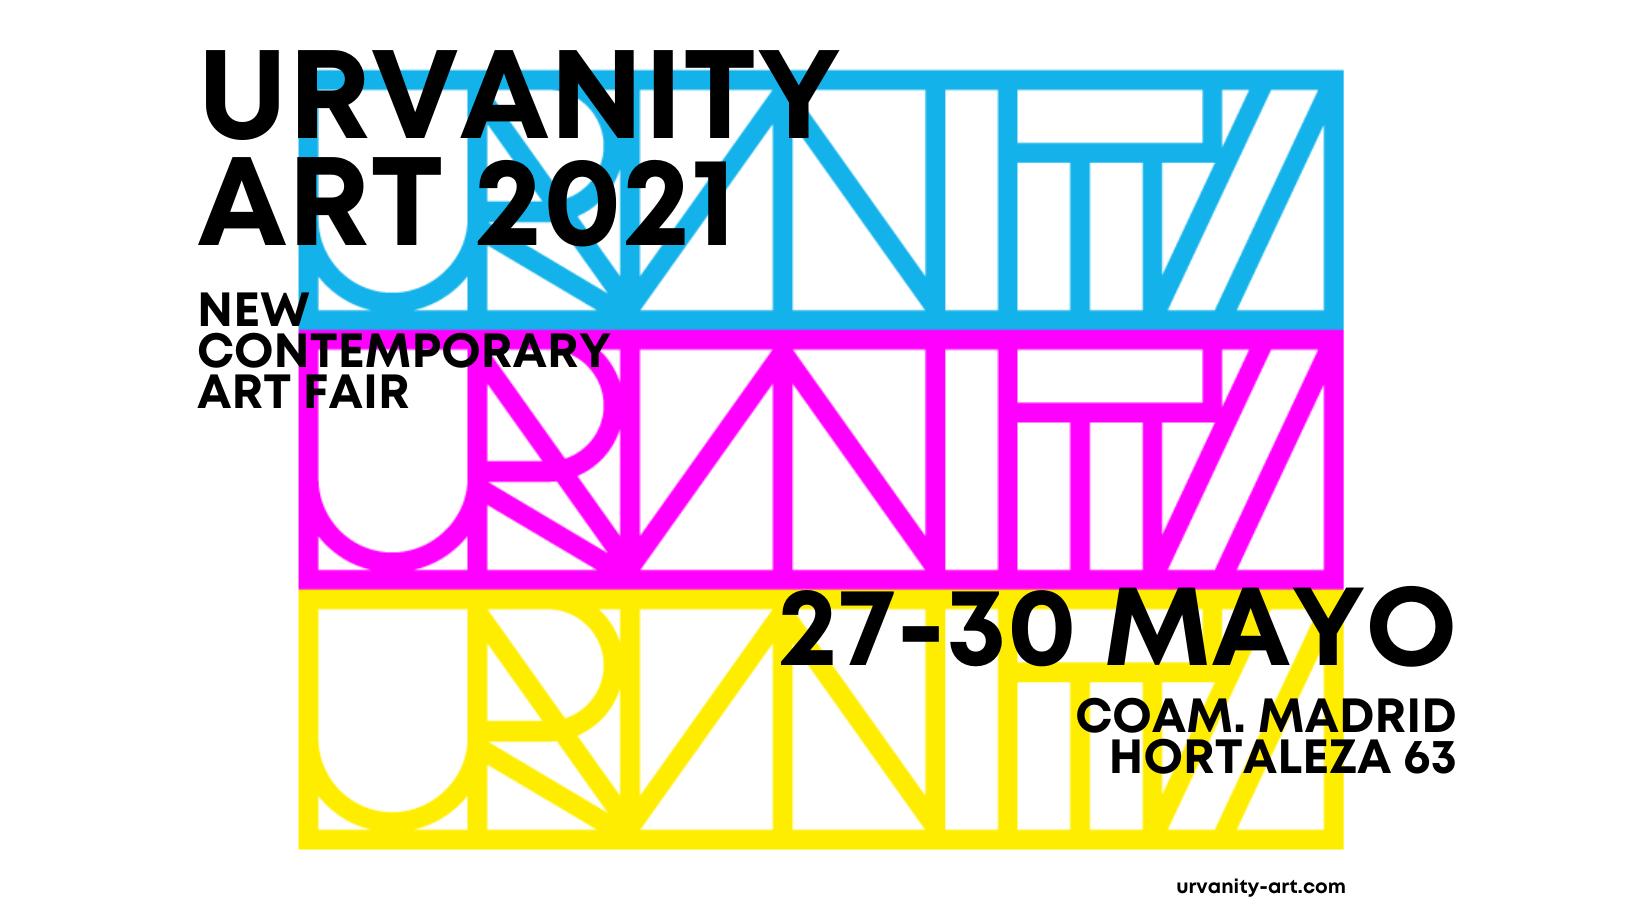 Urvanity Art 2021 Madrid